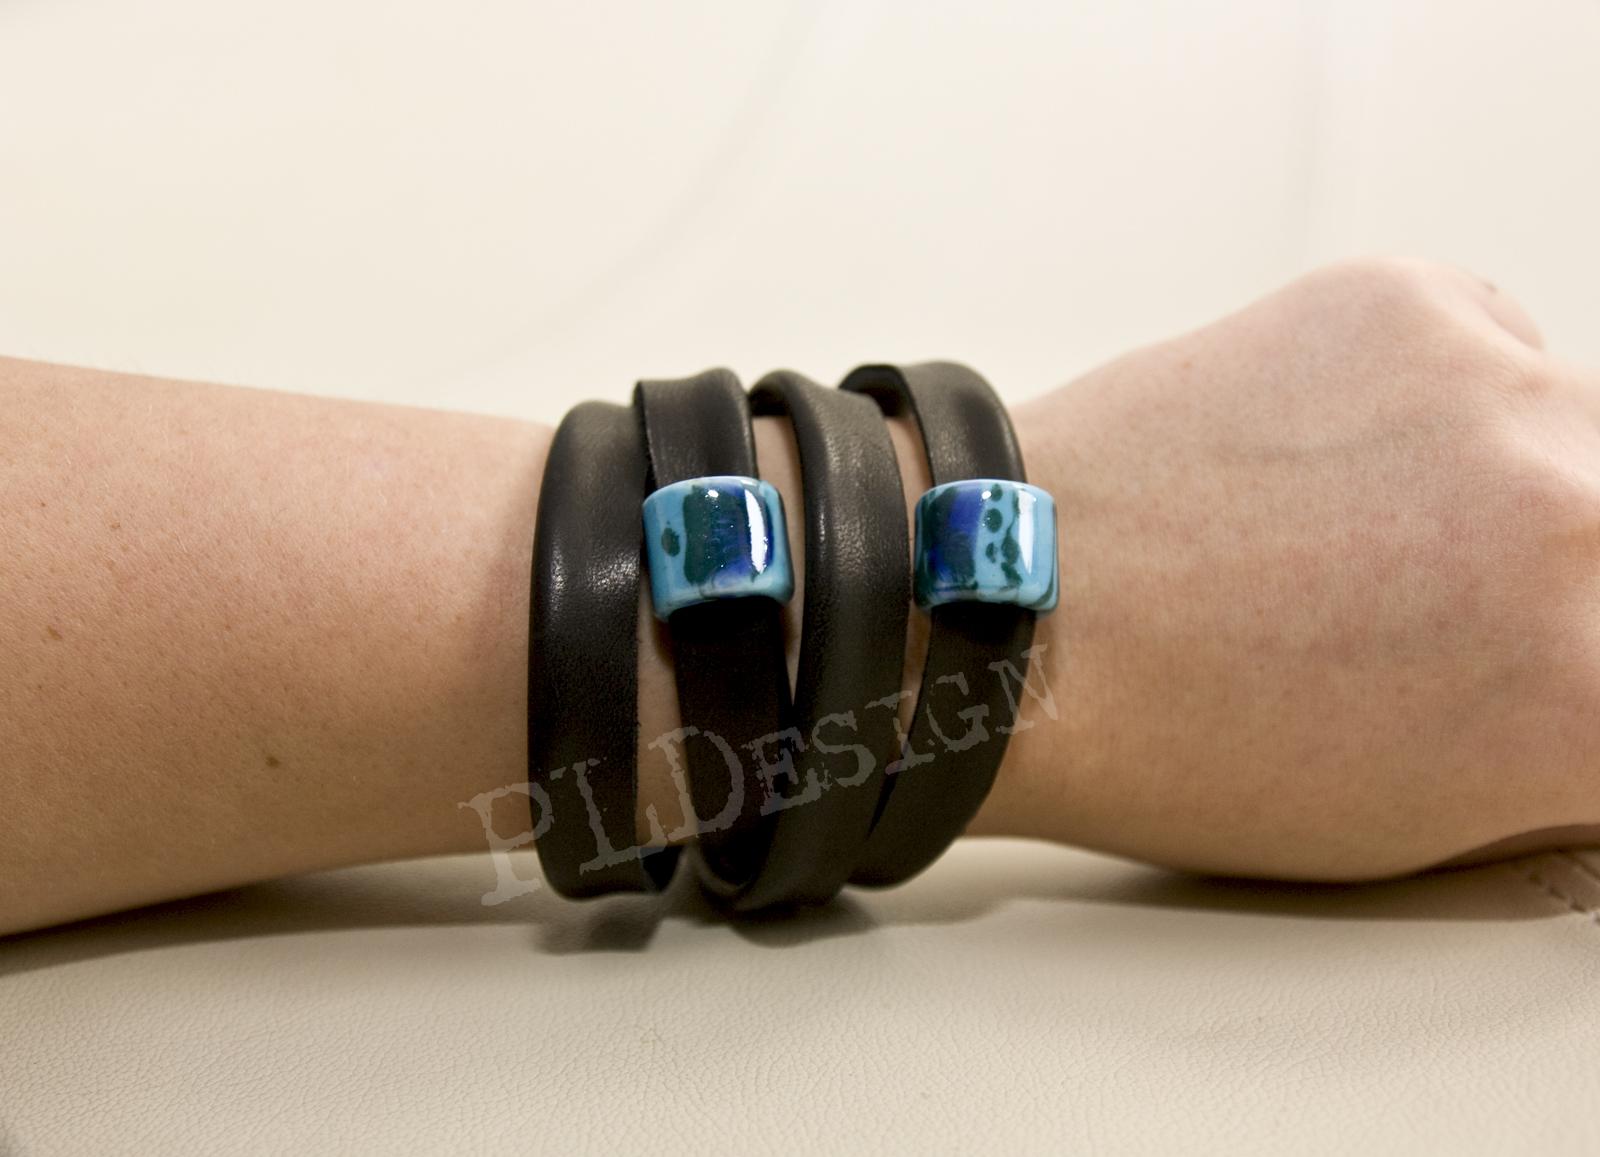 bransoletki z naturalnej skóry indywidualne pojedyncze egzemplarze Ręcznie wykonane bransoletki z naturalnej skóry w pojedynczych egzemplarzach. Idealne na prezent. Zamówienia składać mailowo.